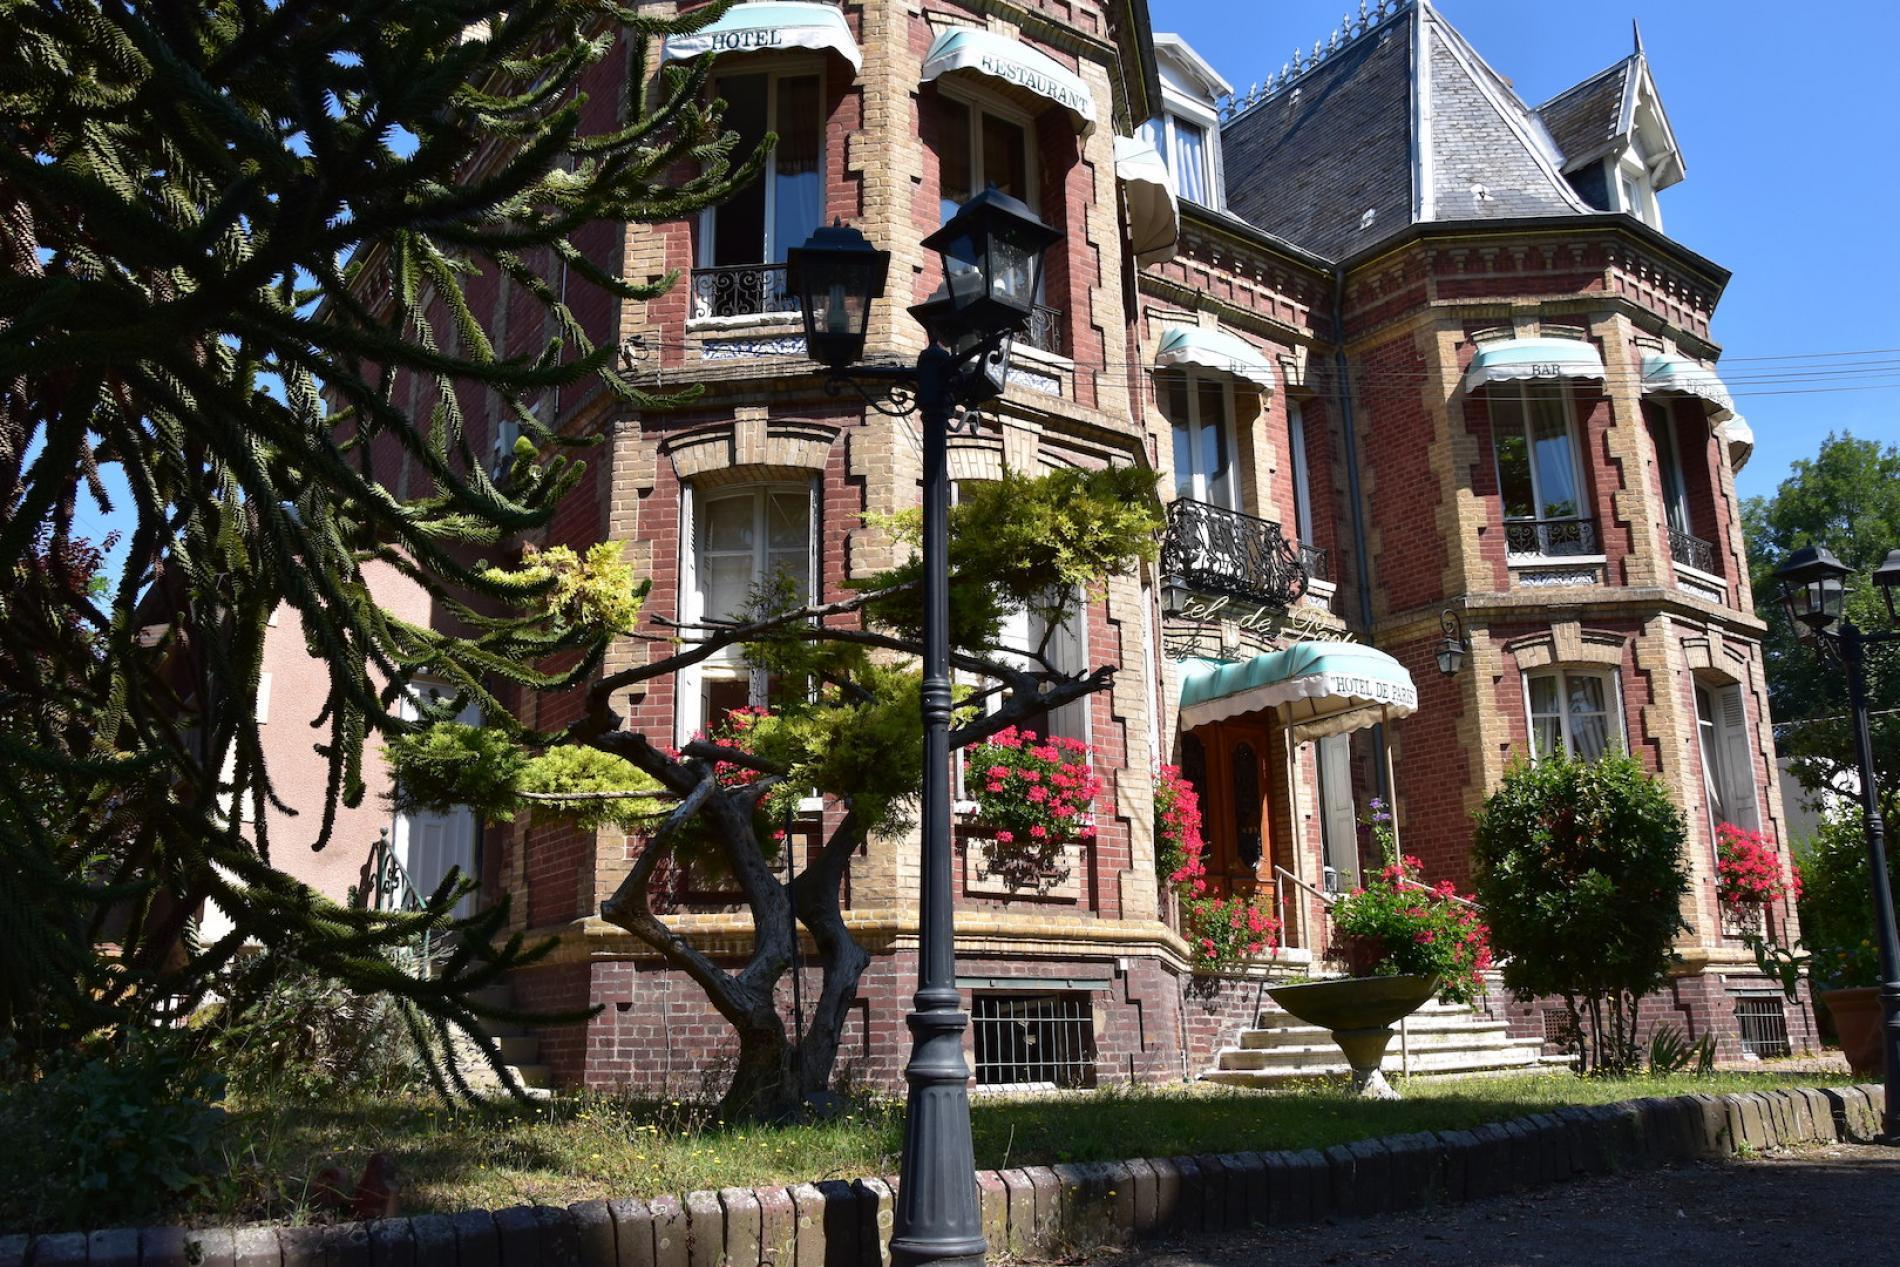 Hotel de Paris - Hotel de charme en Normandie